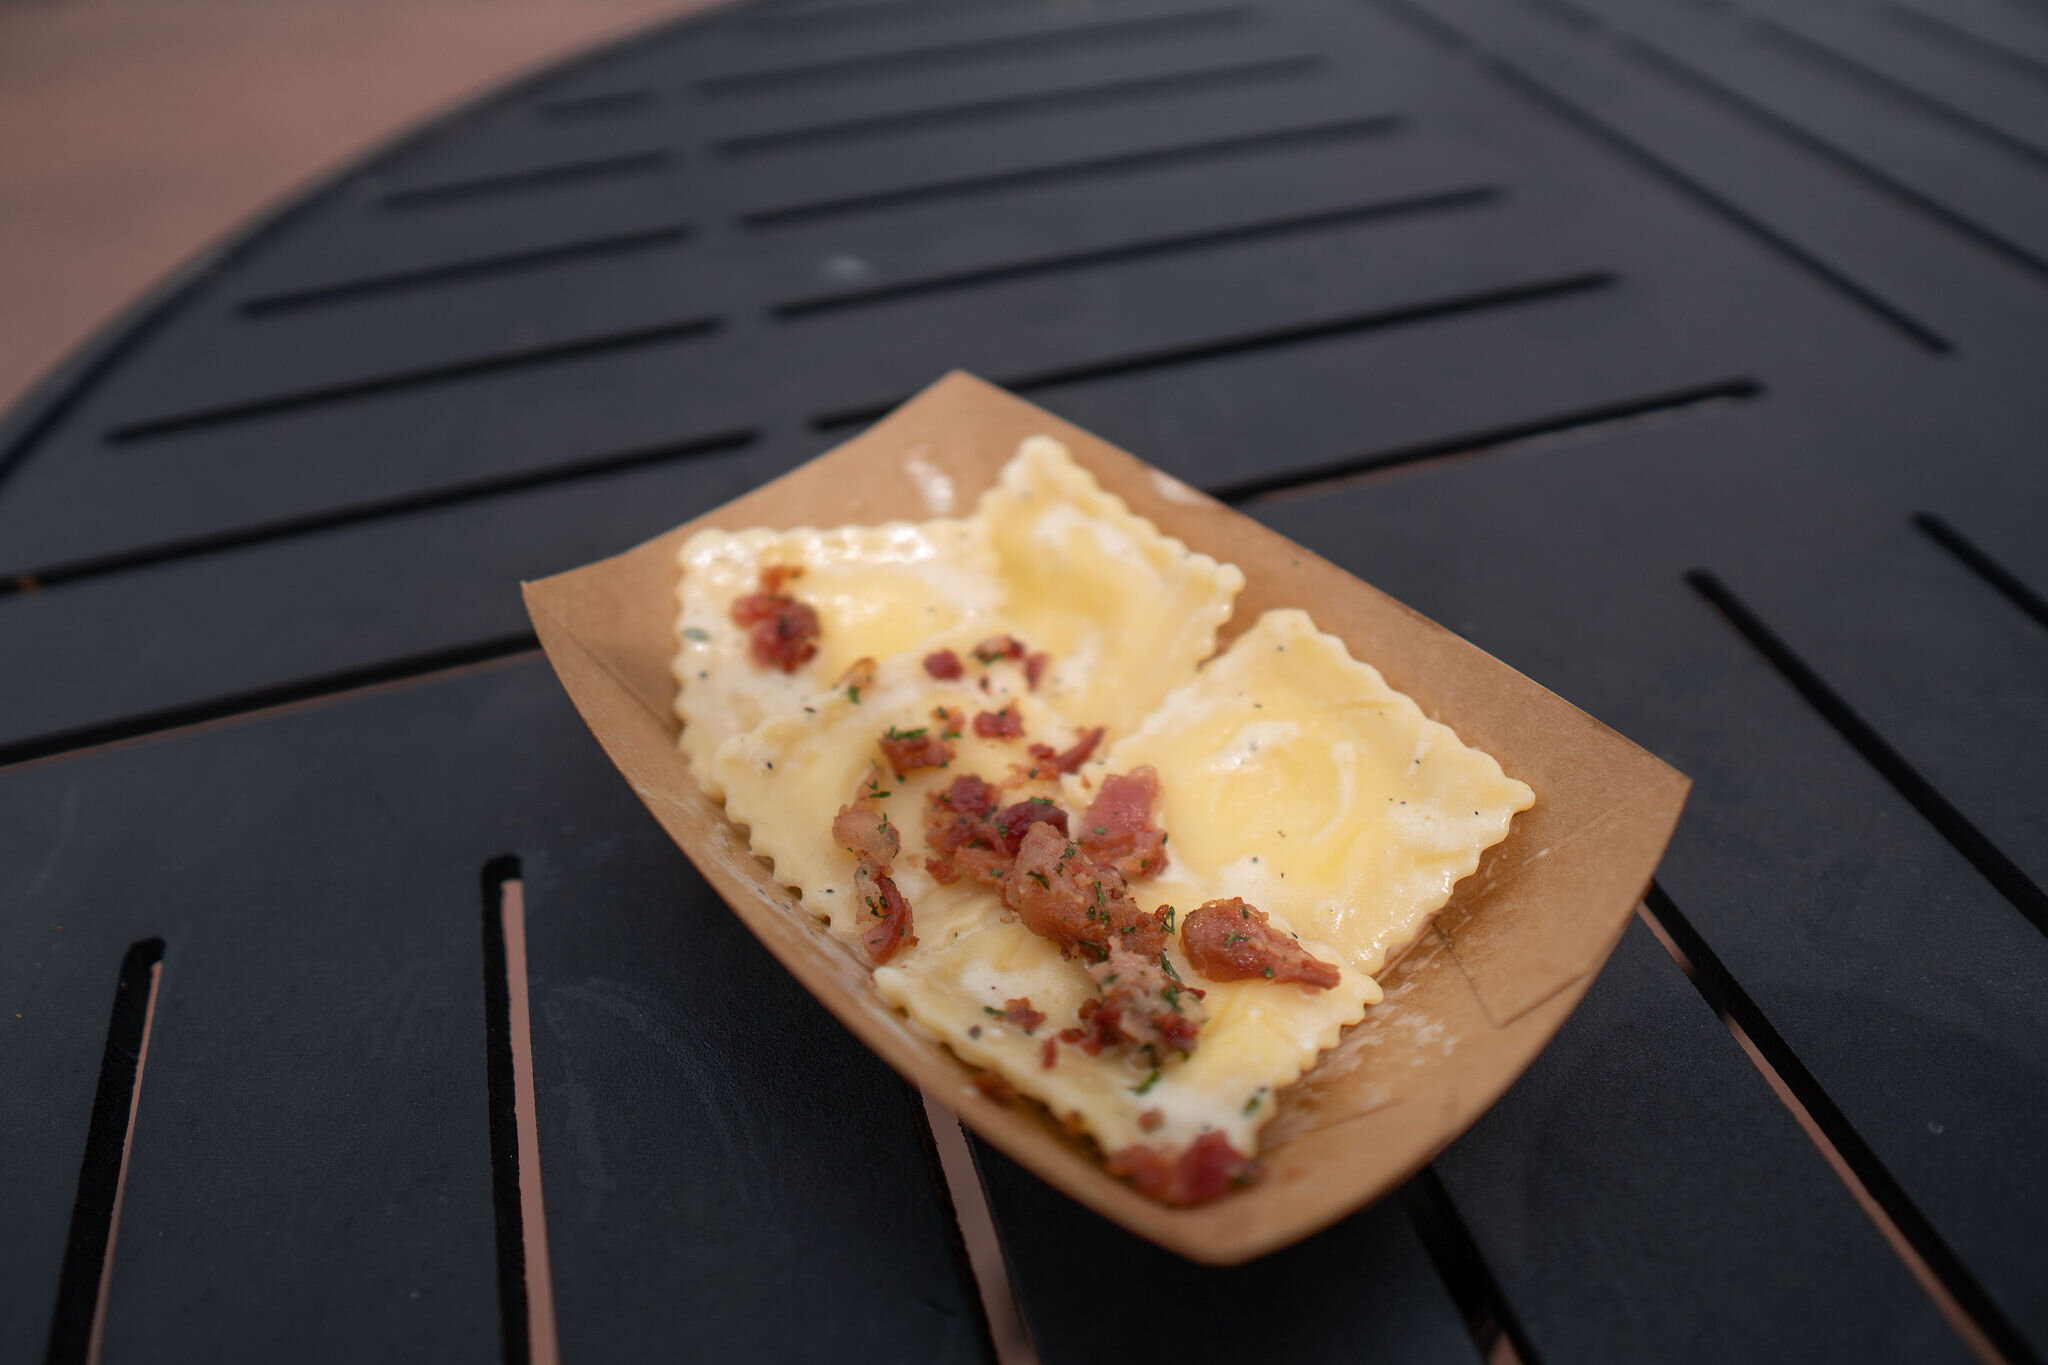 Italy: Ravioli Carbonara: Parmesan and Pecorino Ravioli, Egg Yolk, Cream and Bacon